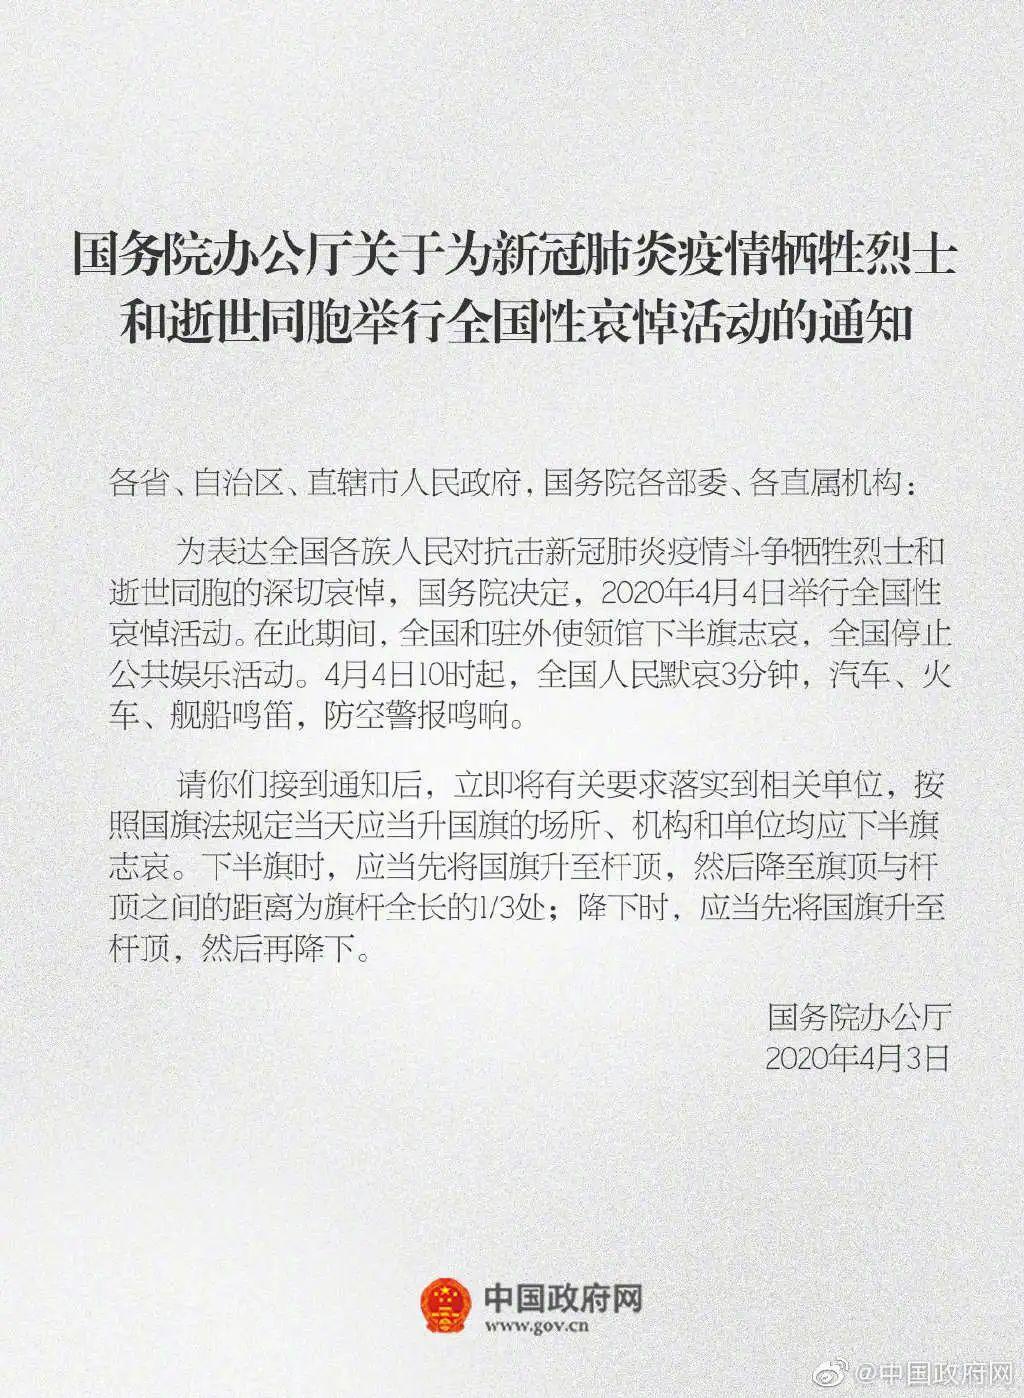 2020年4月4日 全国哀悼日-关玉江个人博客